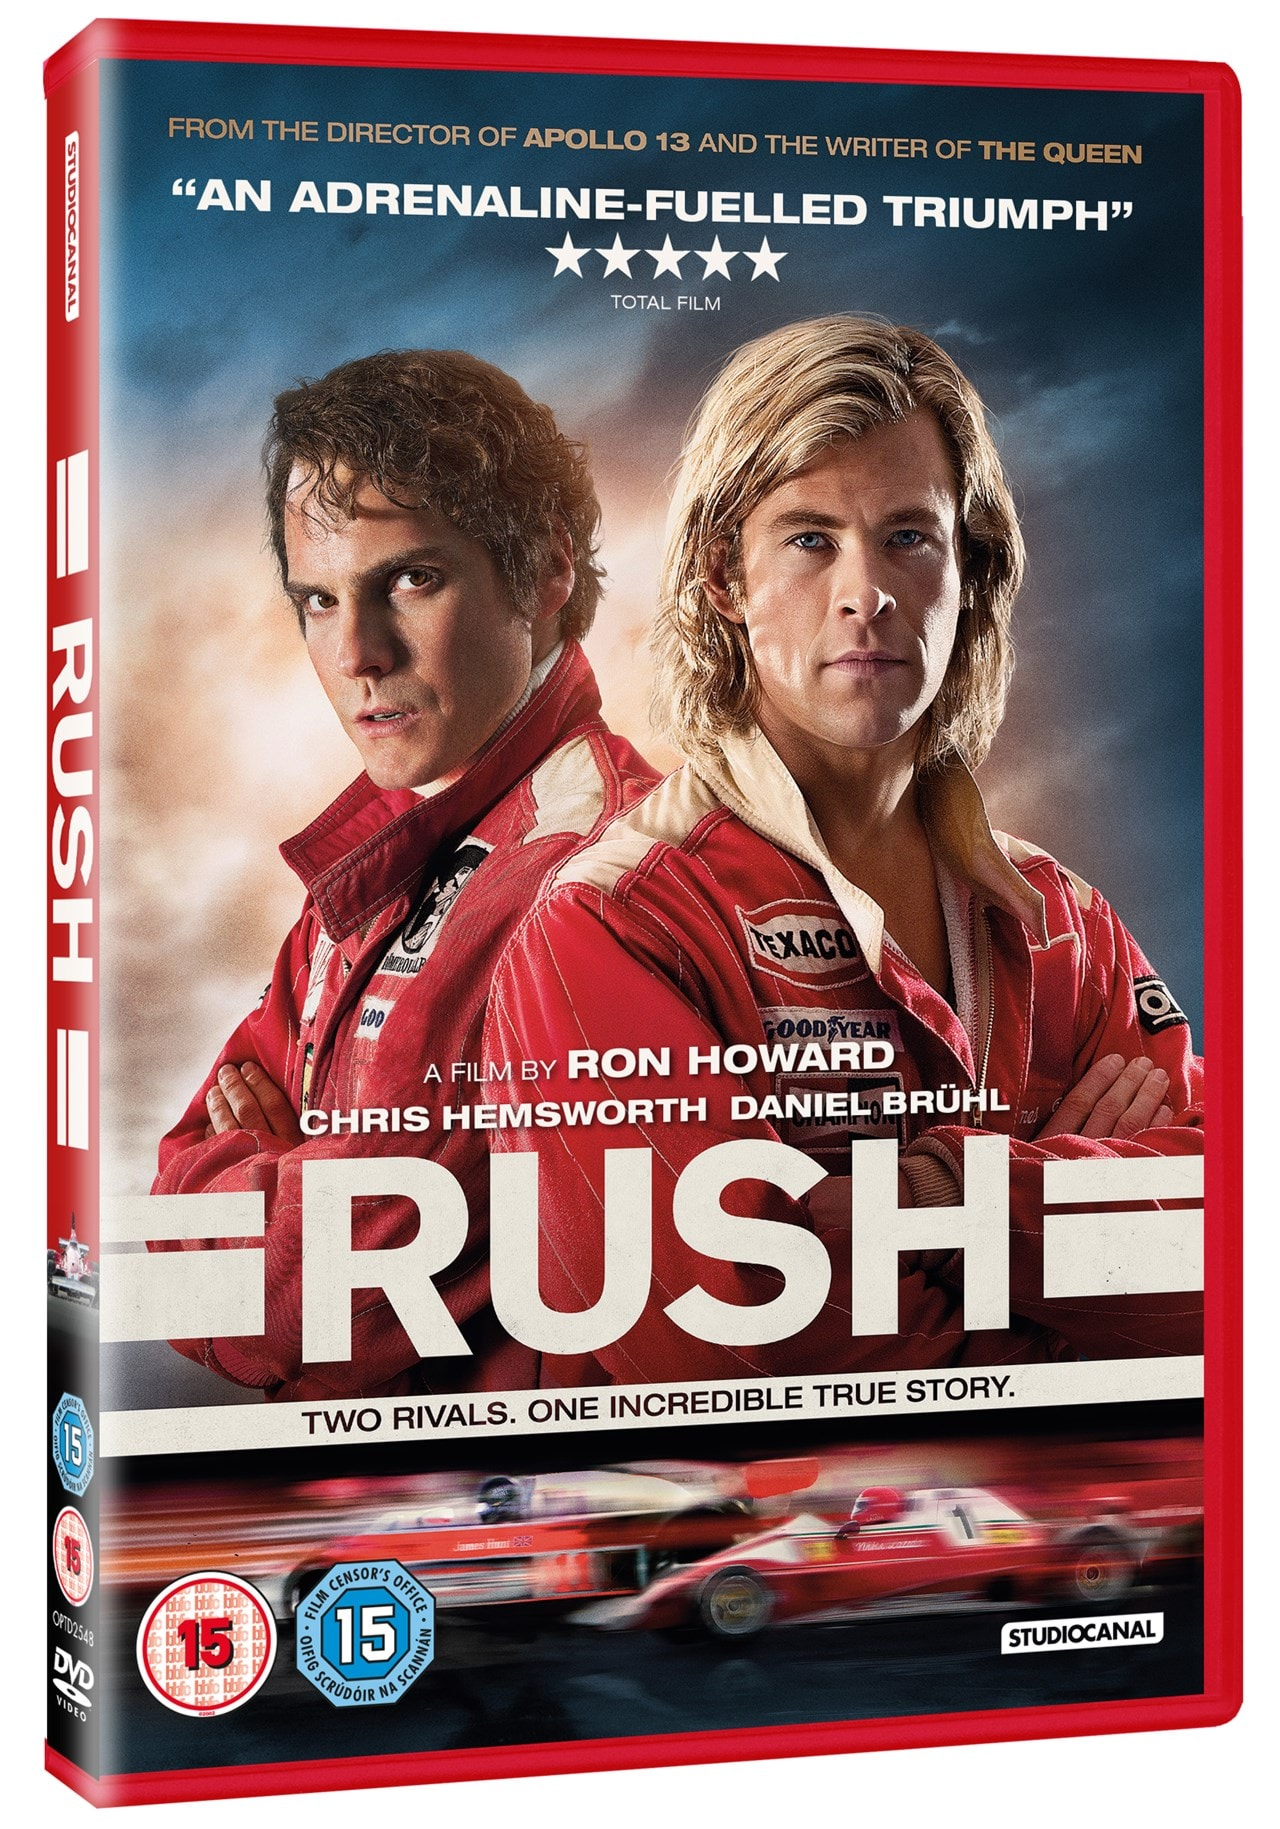 Rush - 2